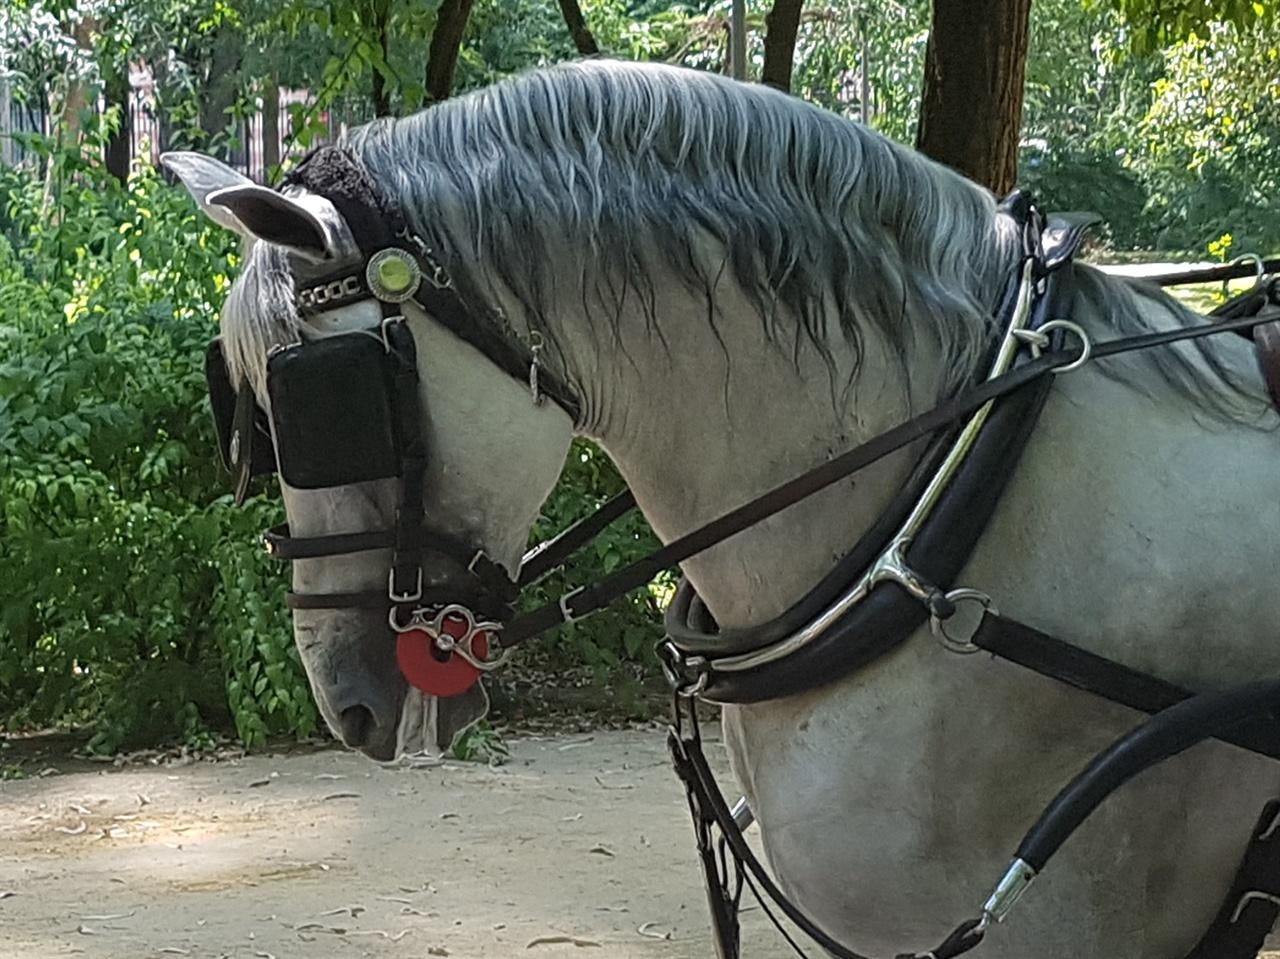 말 옆눈에 가리개를 하여 앞만 보고 가도록 하였습니다. 동물을 학대하는 것 같아 씁쓸한 뒷맛을 남겼습니다.